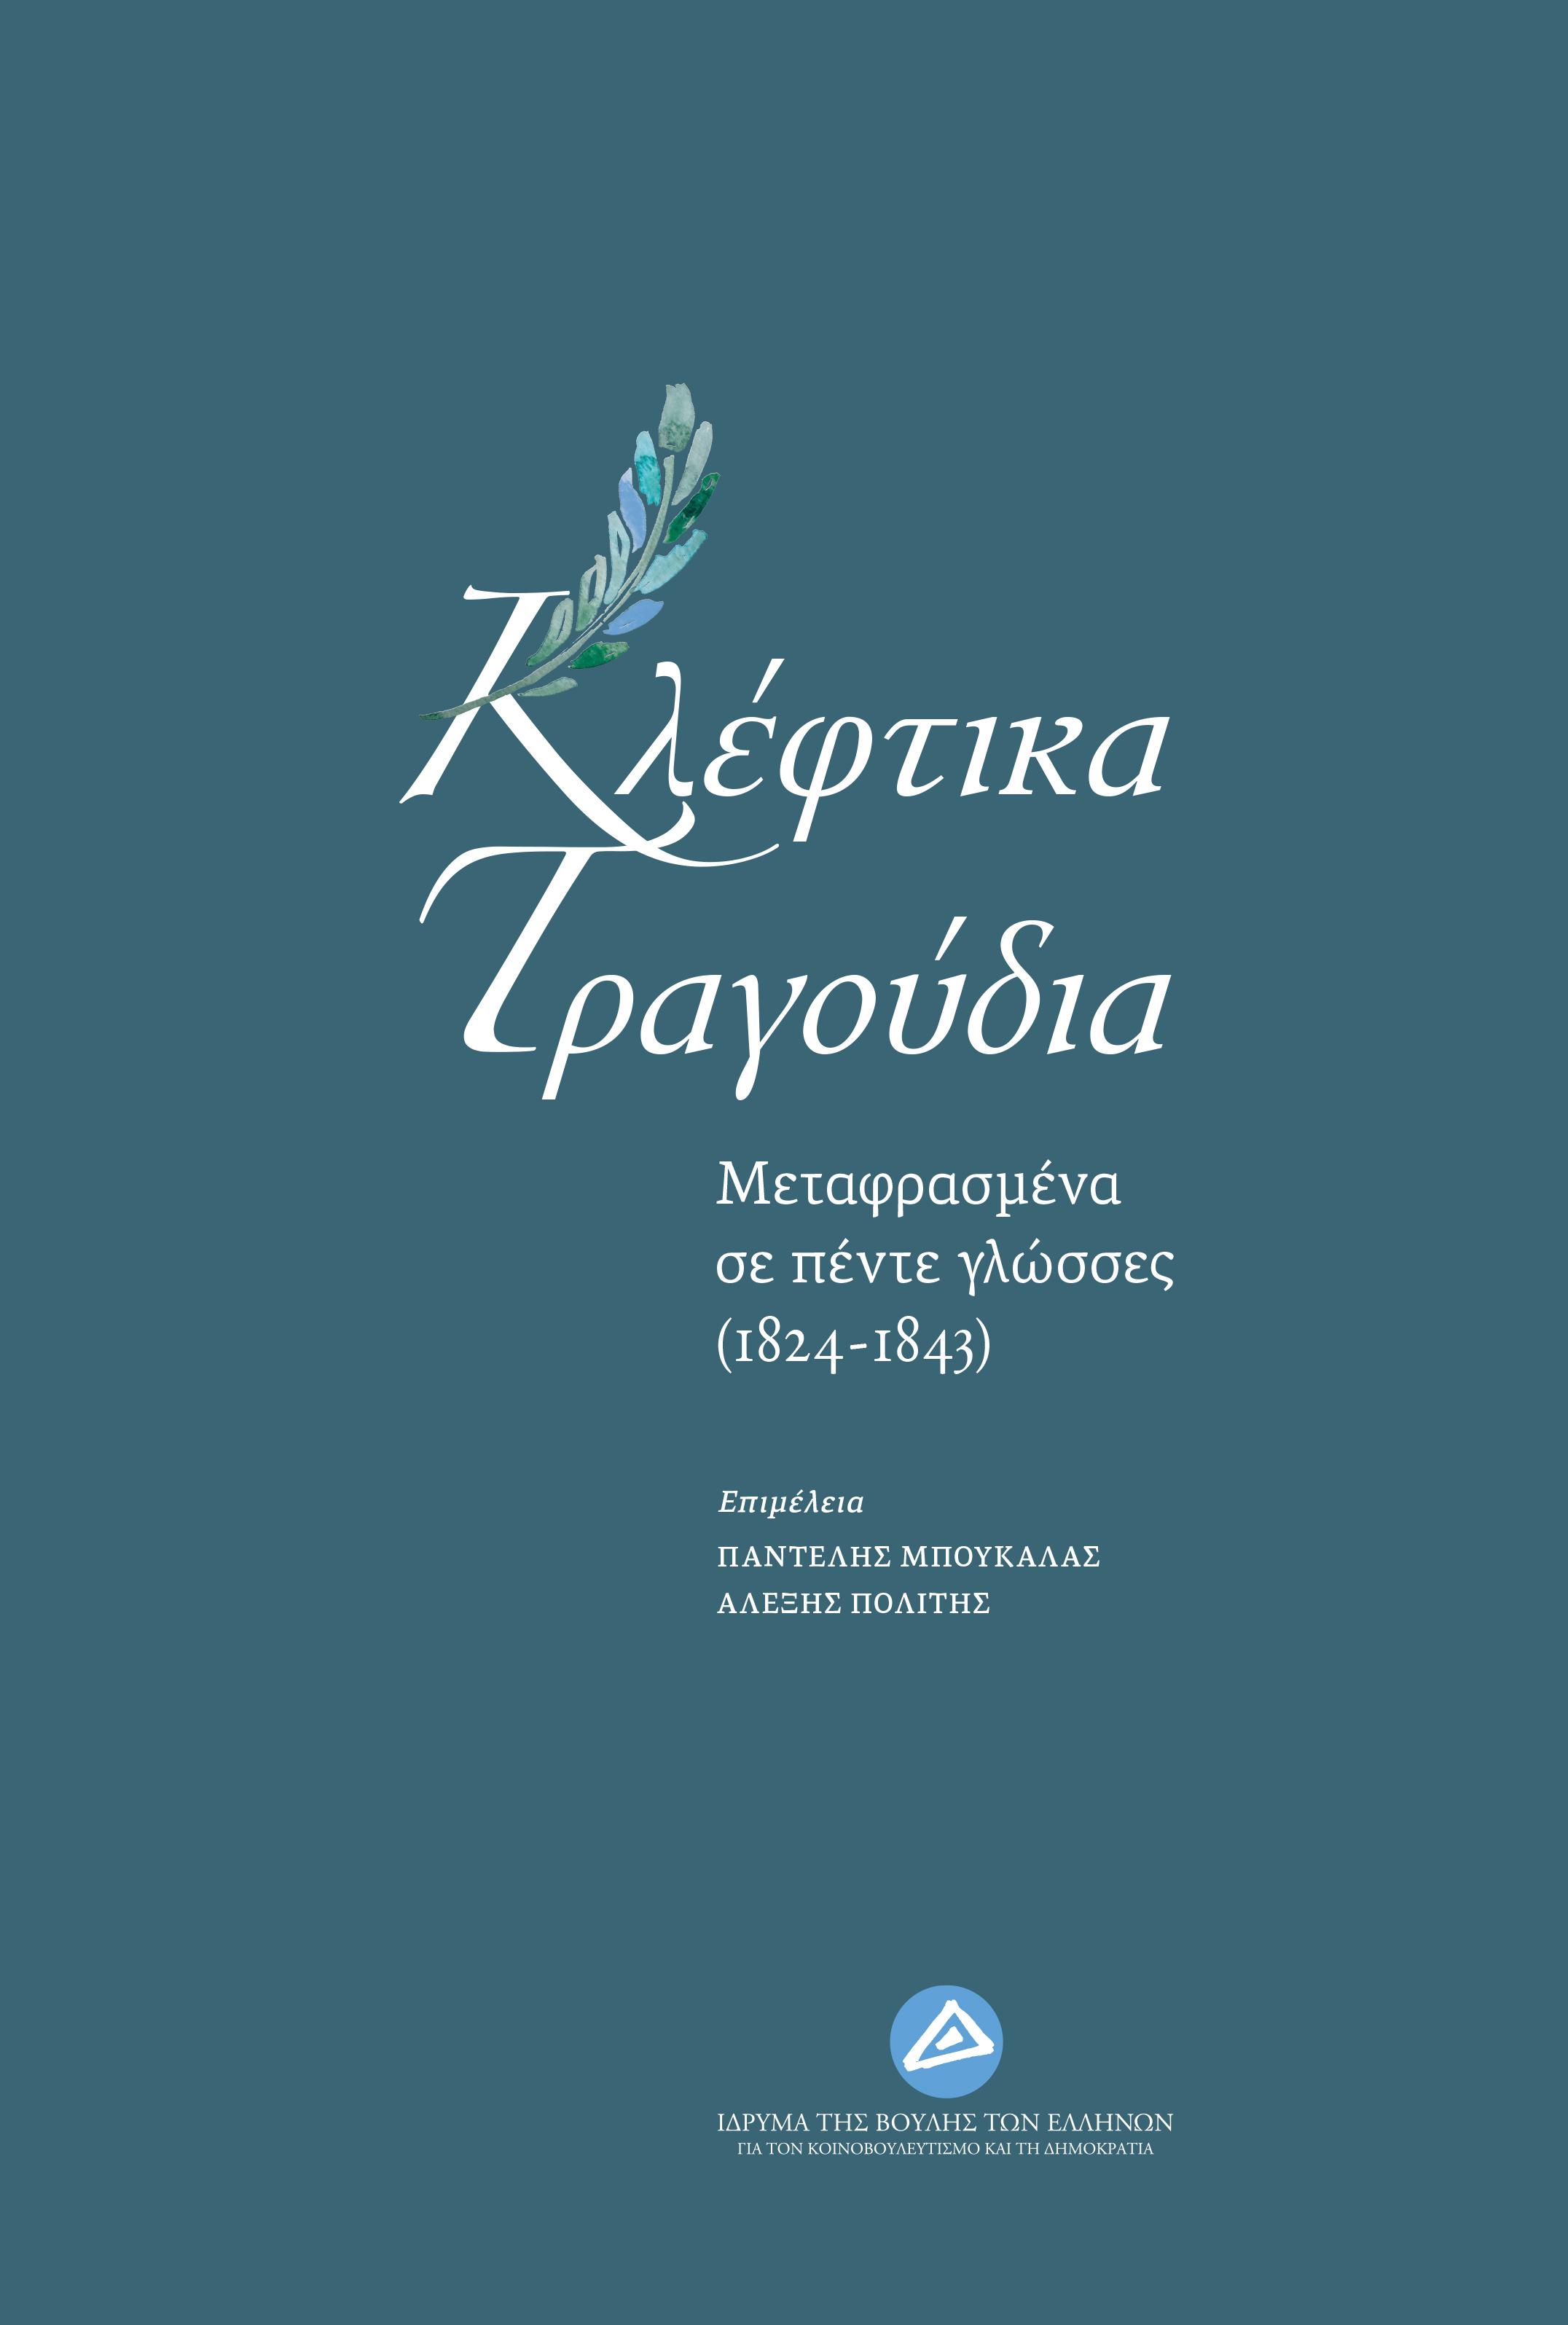 Κλέφτικα τραγούδια, Μεταφρασμένα σε πέντε γλώσσες από το 1824 έως το 1843, , Ίδρυμα της Βουλής των Ελλήνων, 2020